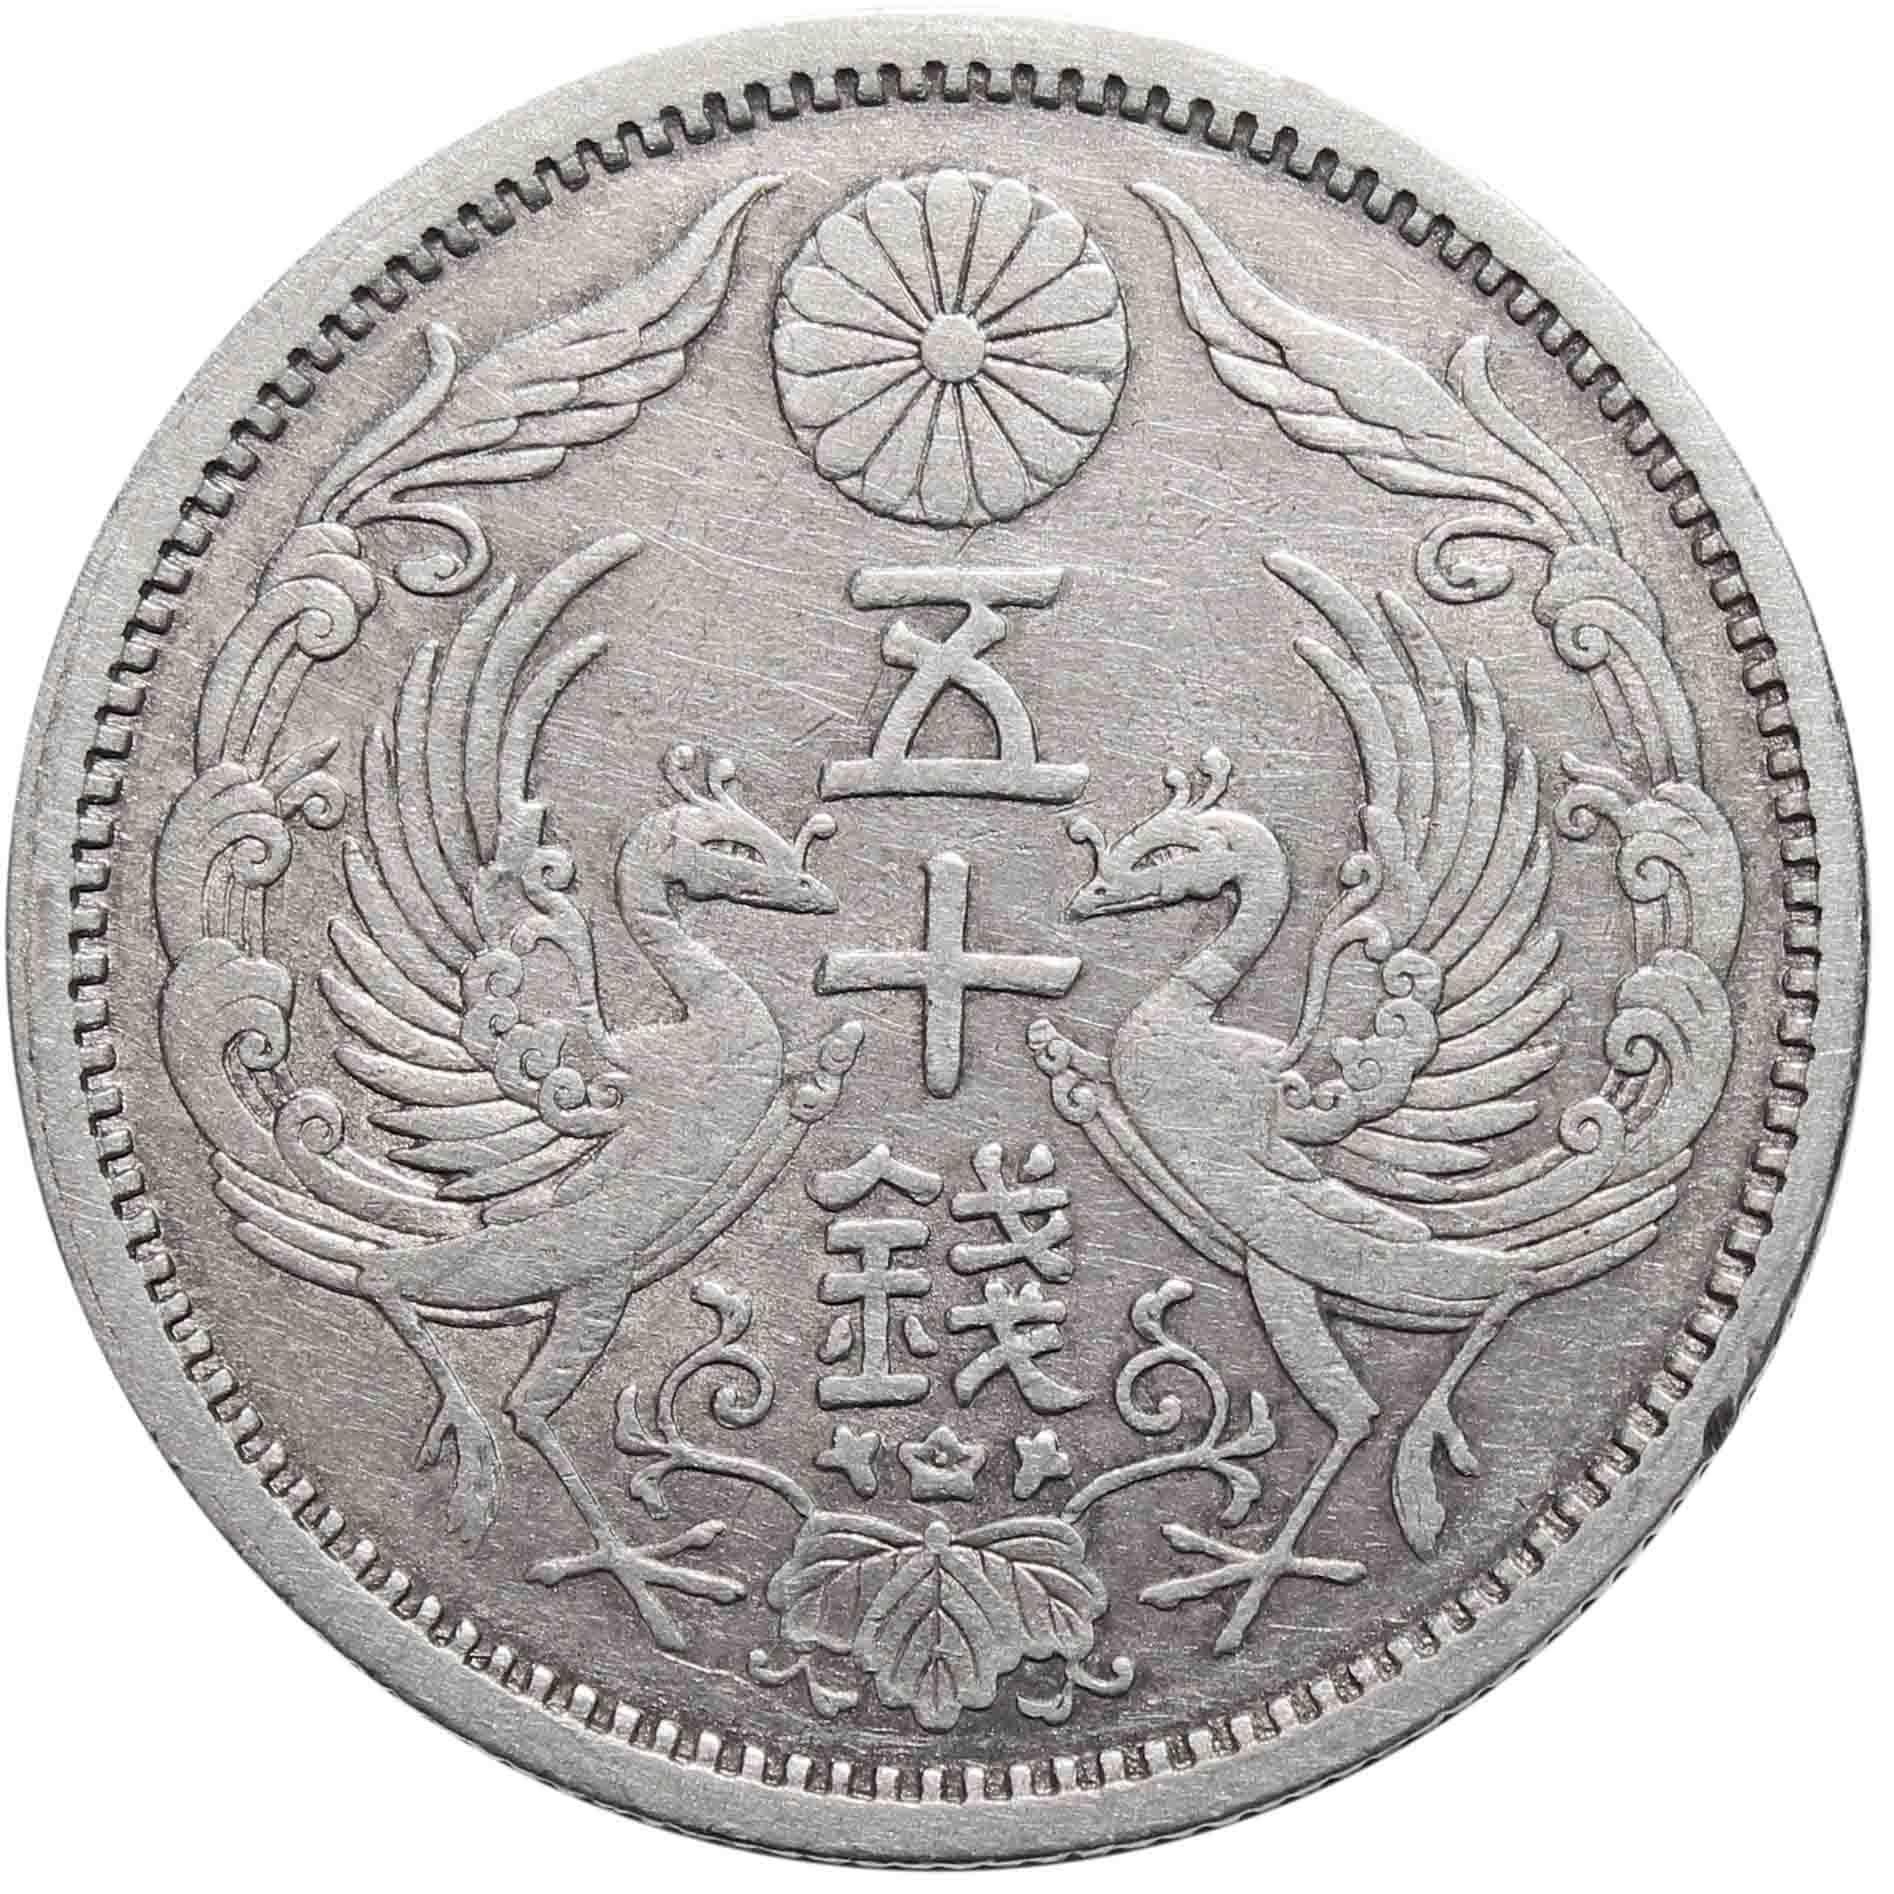 50 сен 1923 год Император Ёсихито (Тайсё) Япония Серебро XF